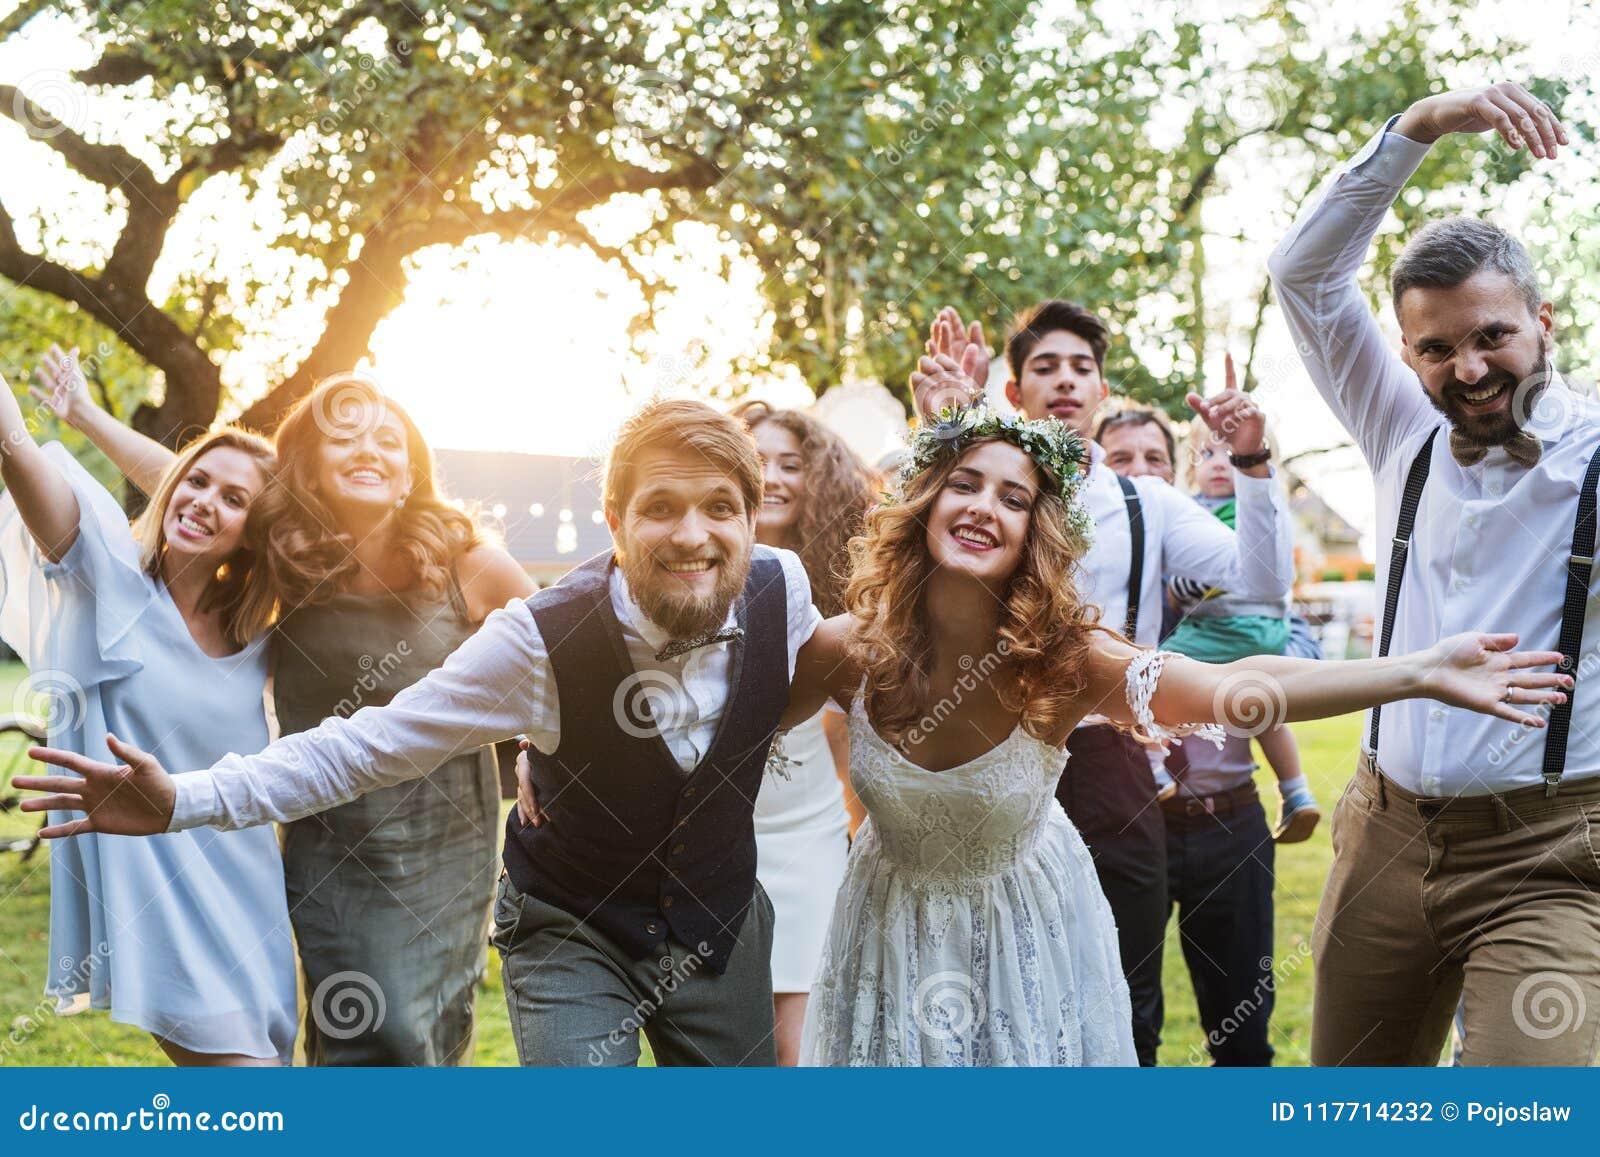 Νύφη, νεόνυμφος, φιλοξενούμενοι που θέτει για τη φωτογραφία στη δεξίωση γάμου έξω στο κατώφλι